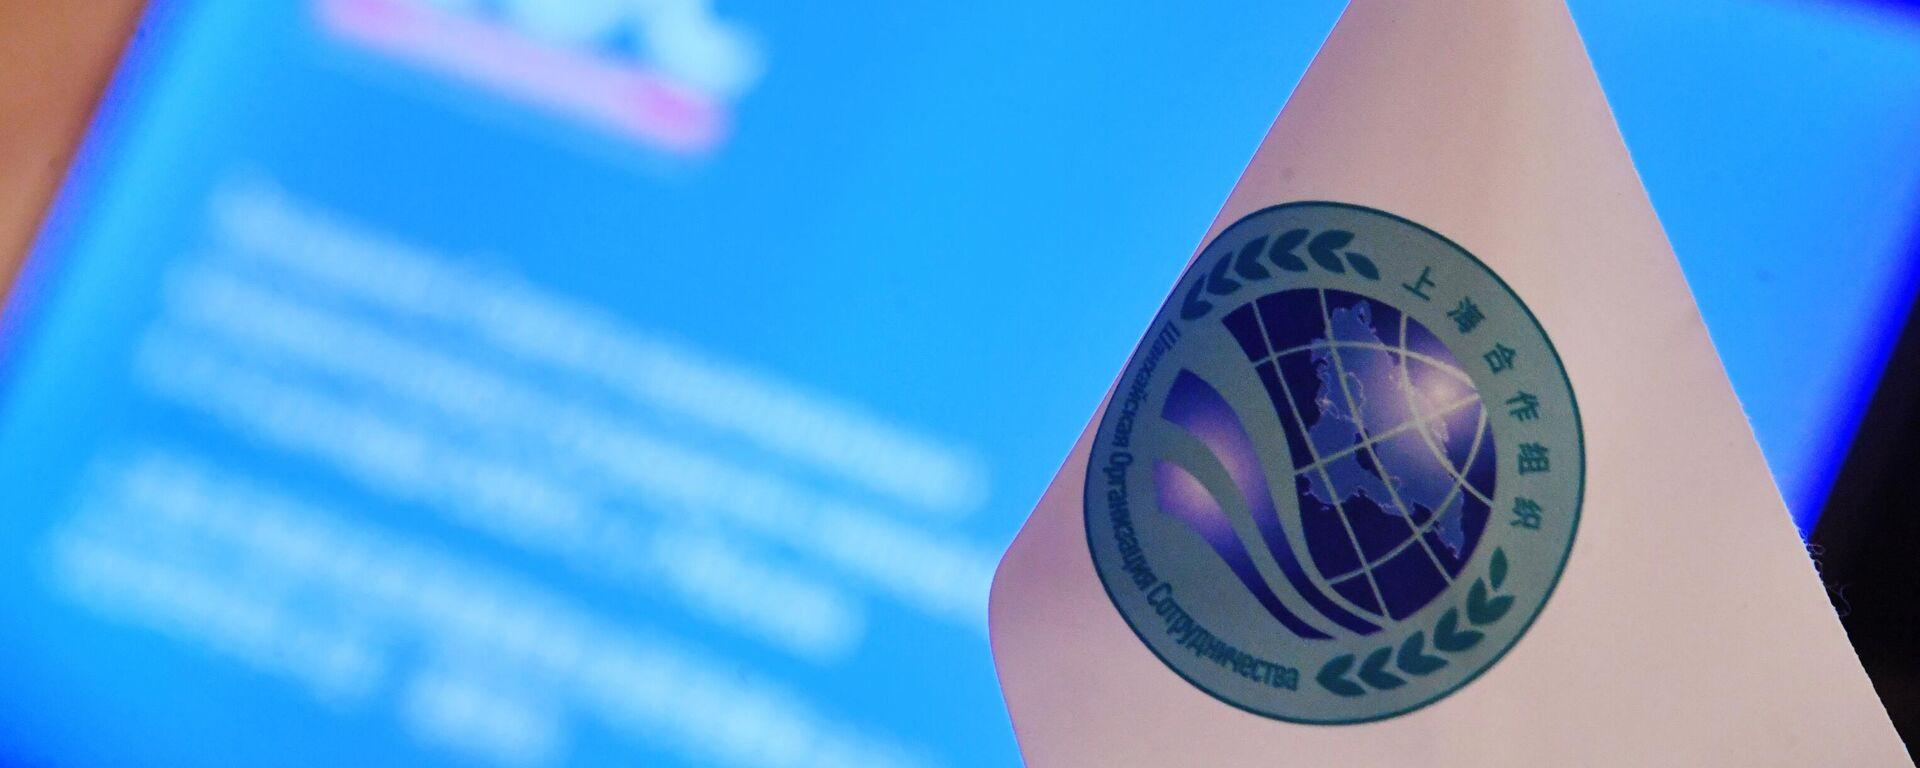 Заседание Совета национальных координаторов государств ШОС - Sputnik Тоҷикистон, 1920, 13.09.2021